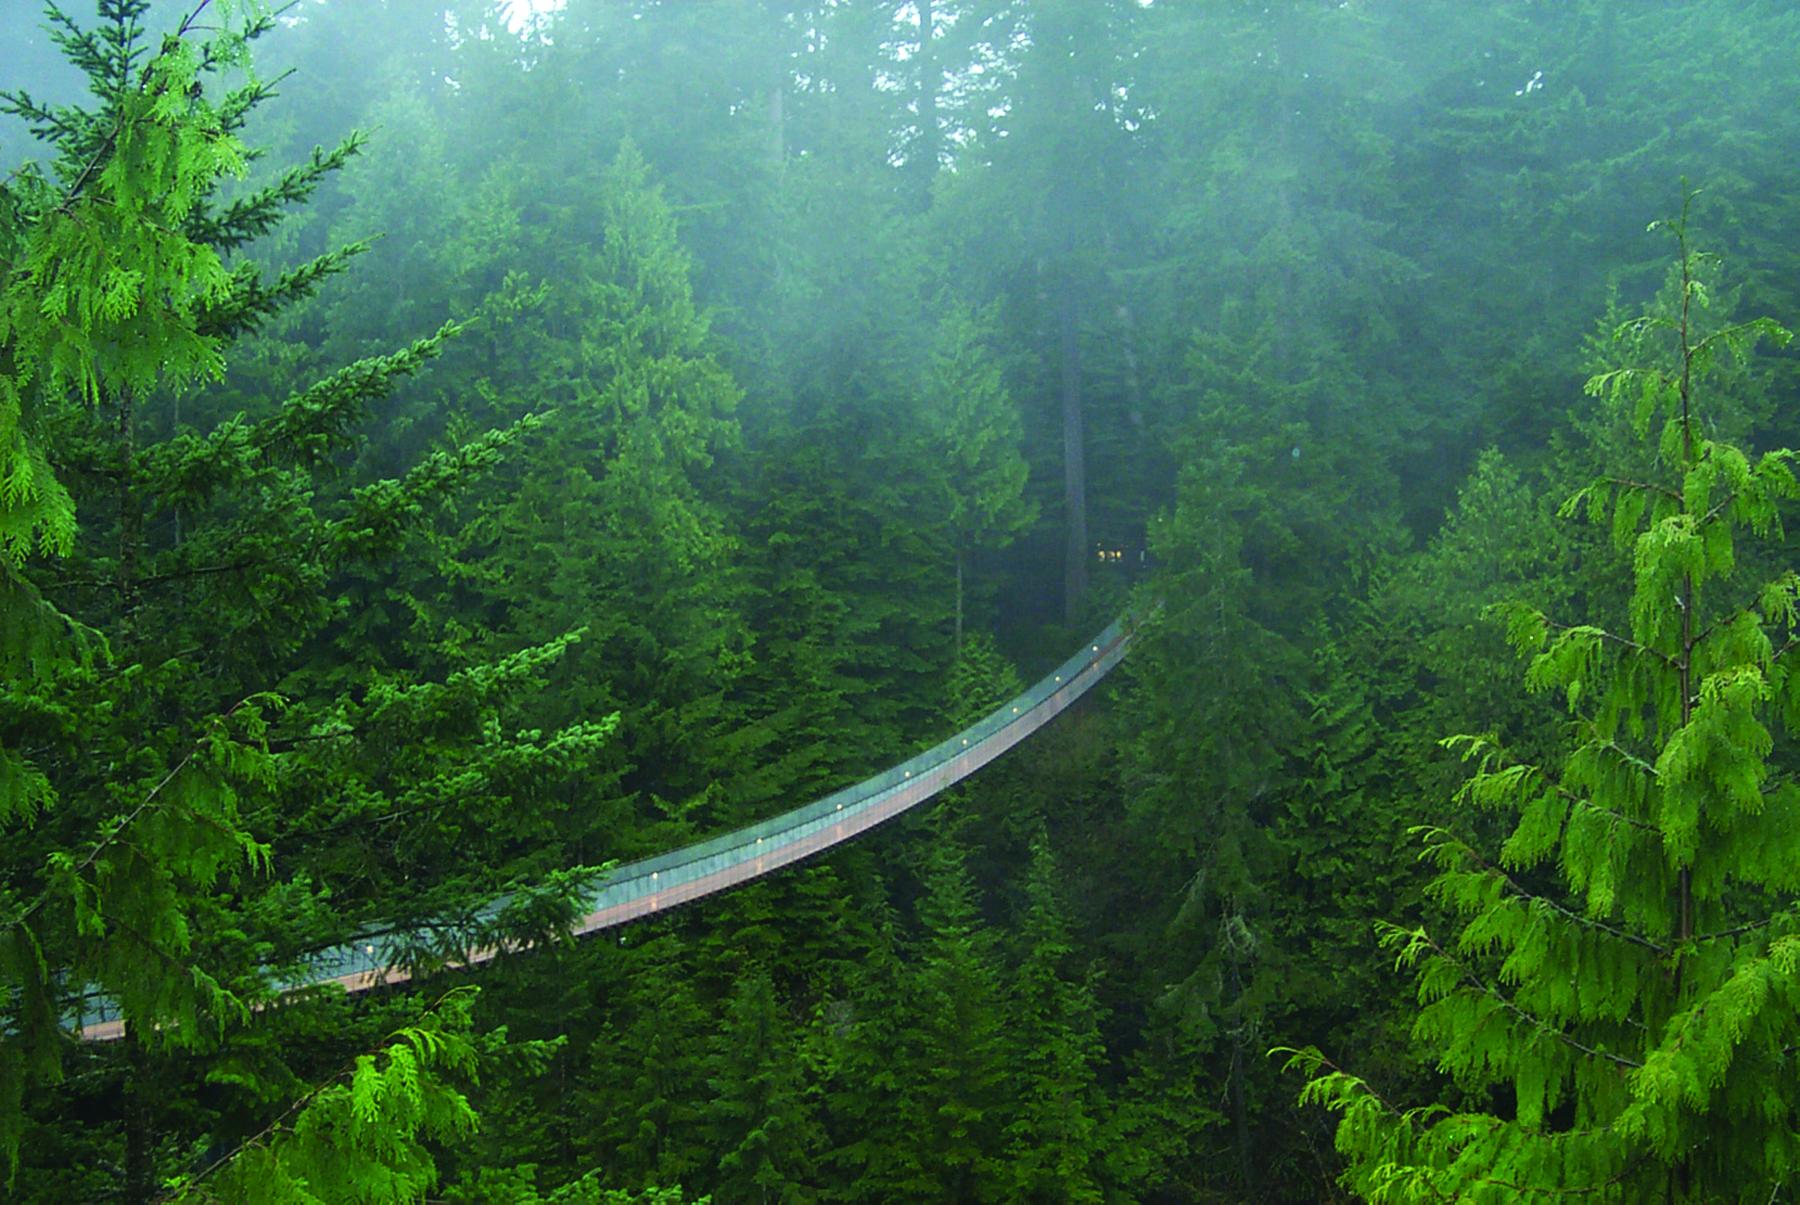 walk through The Rainforest on the capilano suspension bridge